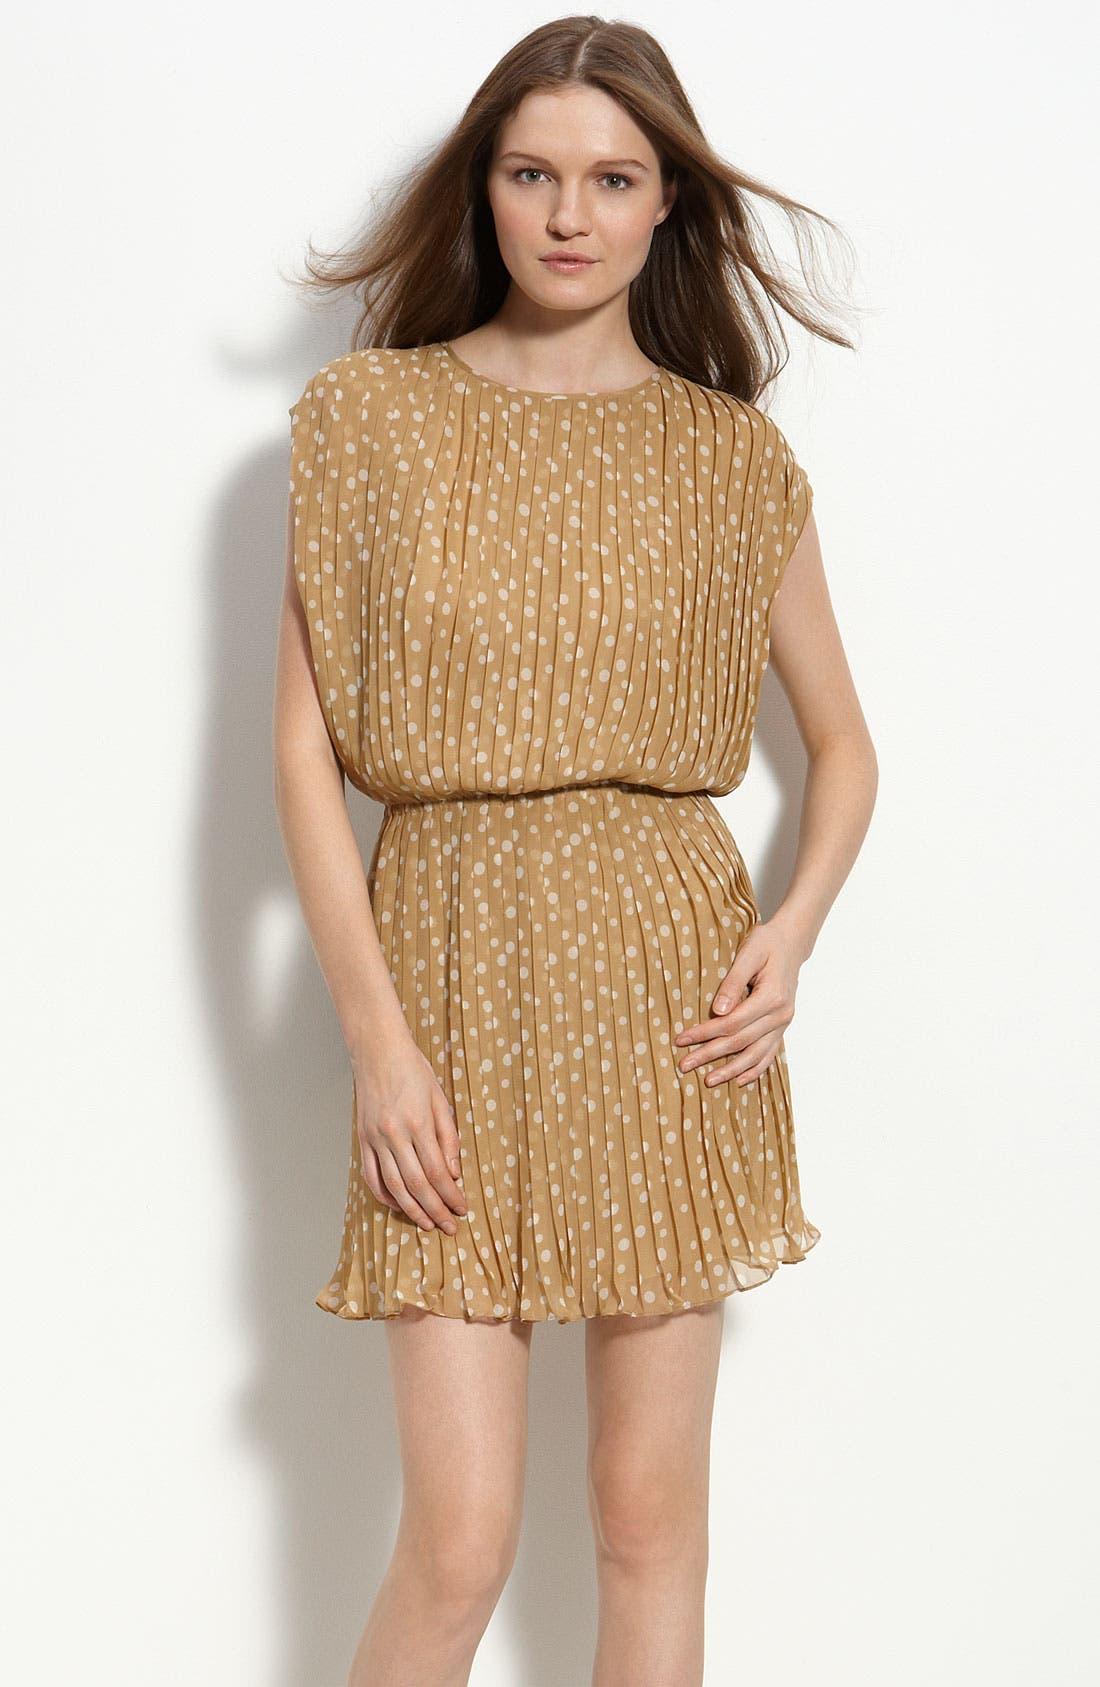 Alternate Image 1 Selected - RADENRORO 'Adila' Polka Dot Dress